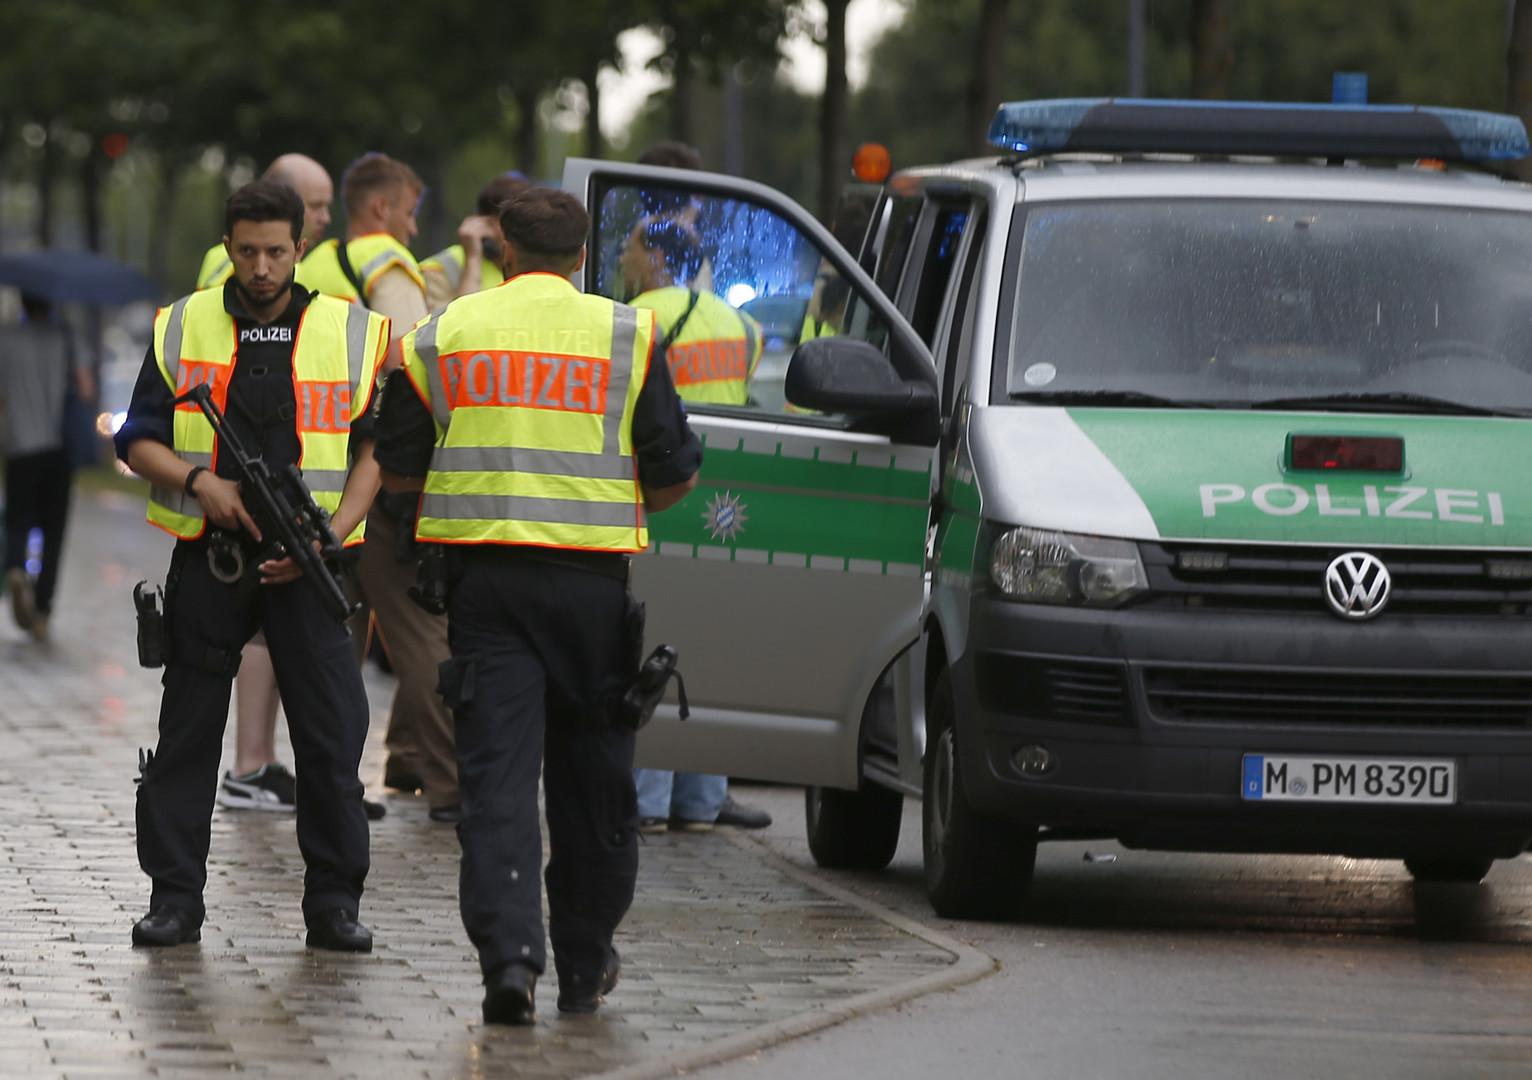 Немец иранского происхождения: полиция Мюнхена сообщила подробности о нападавшем